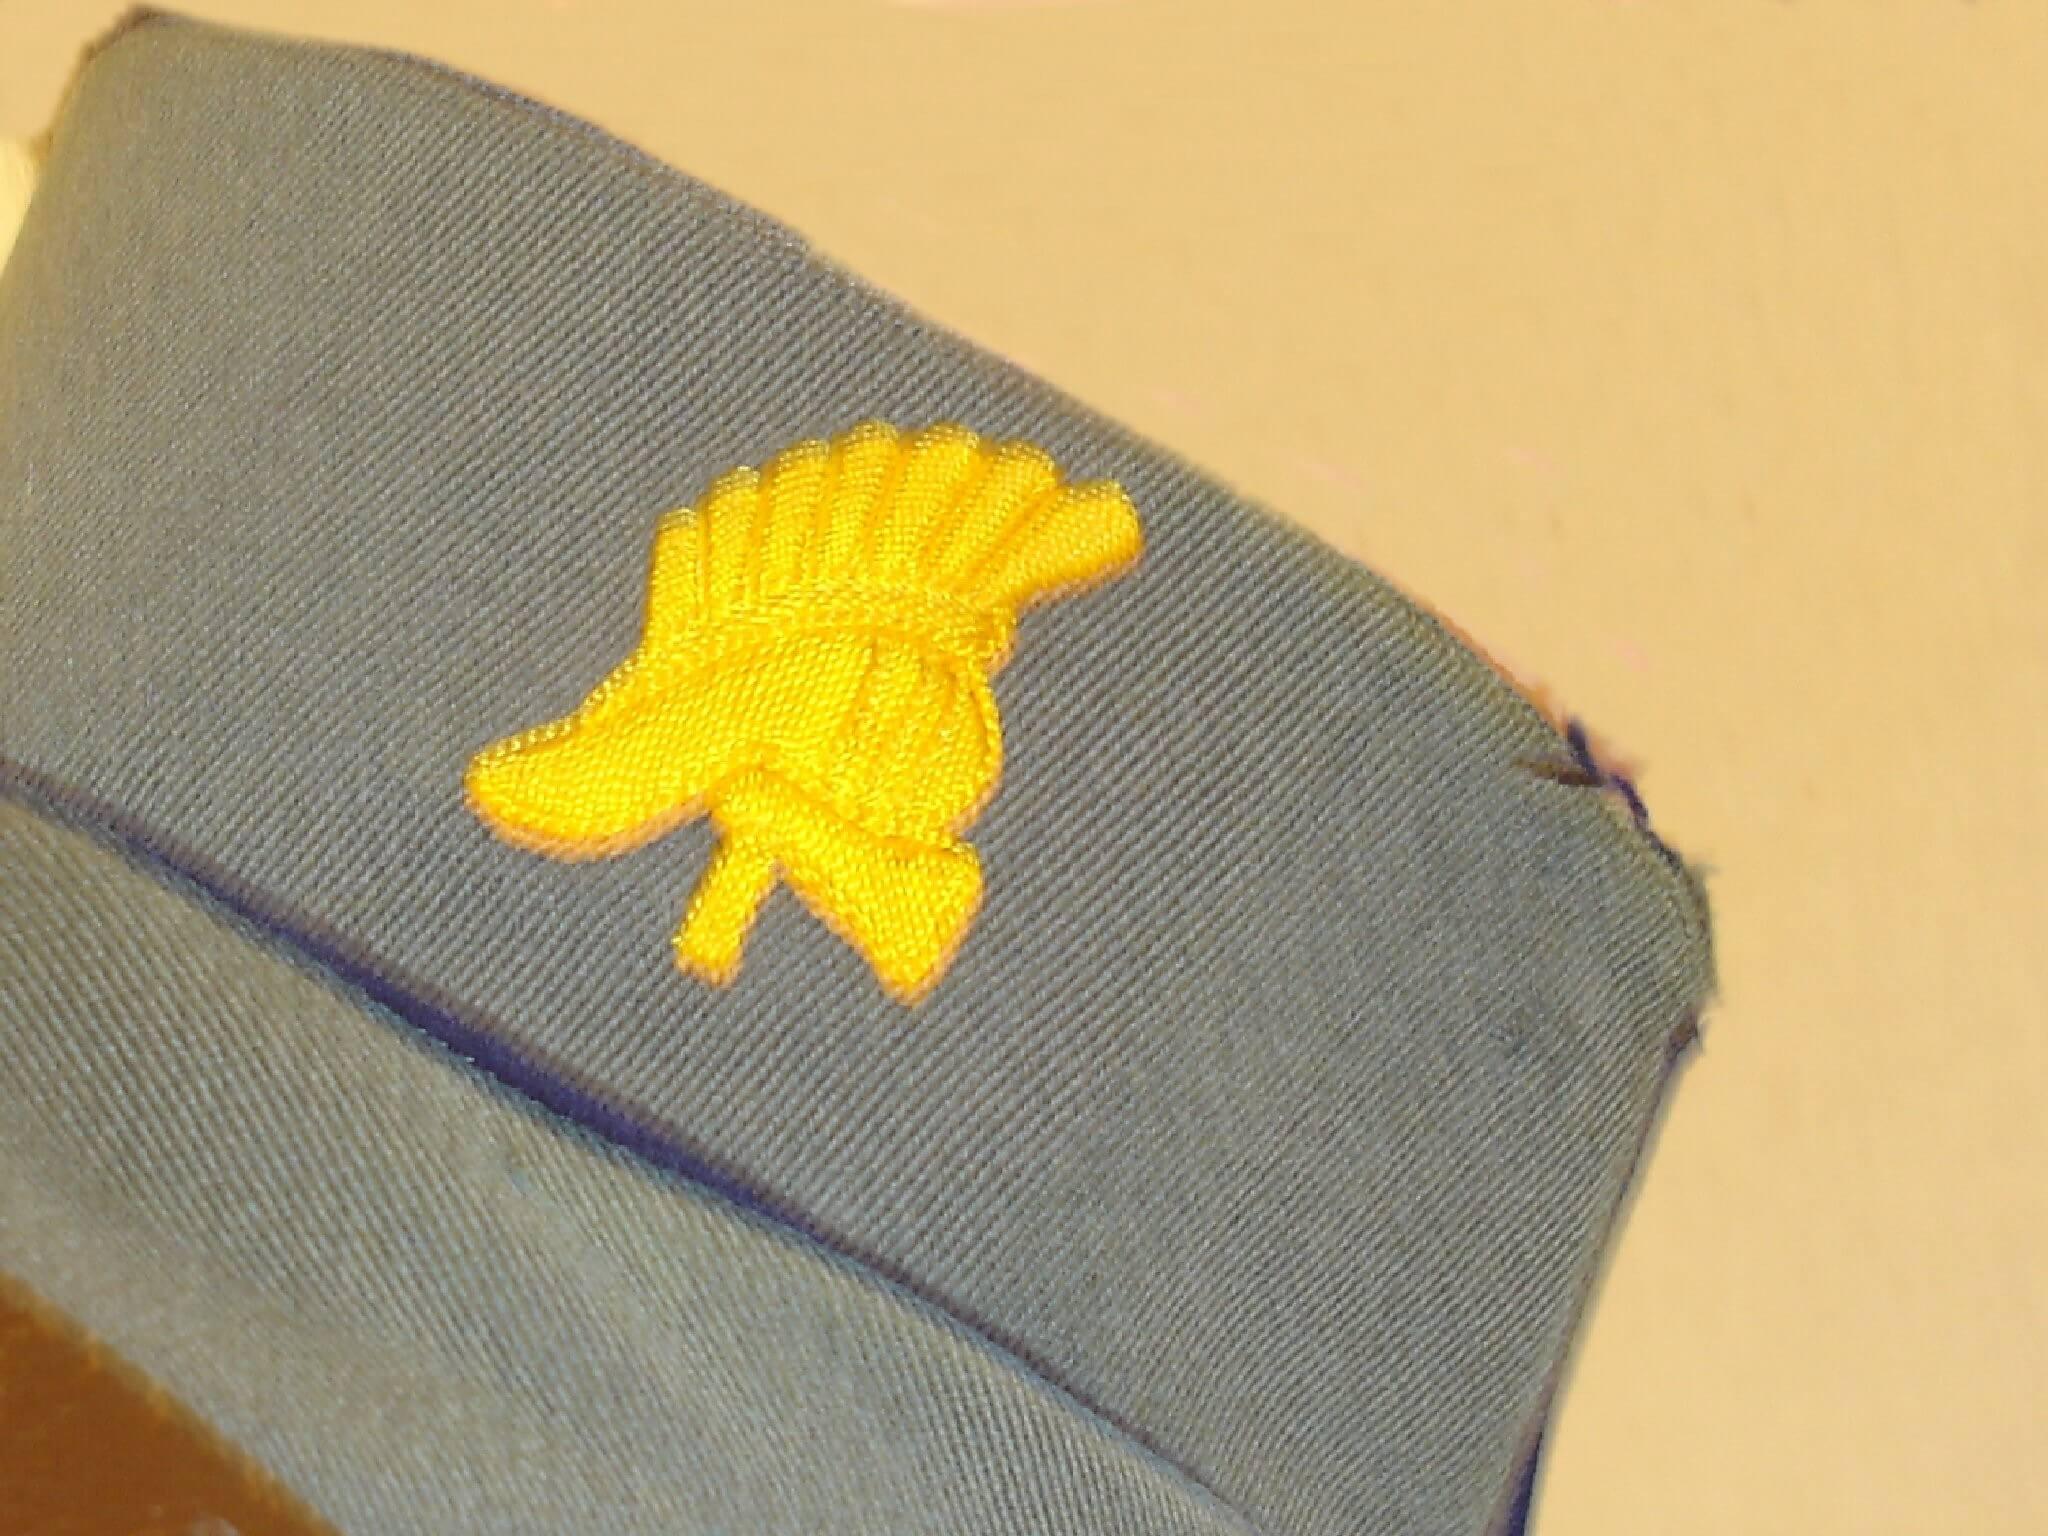 Nederlands uniform 1940 uit de tweede wereldoorlog Genie kraag embleem kraagspiegel